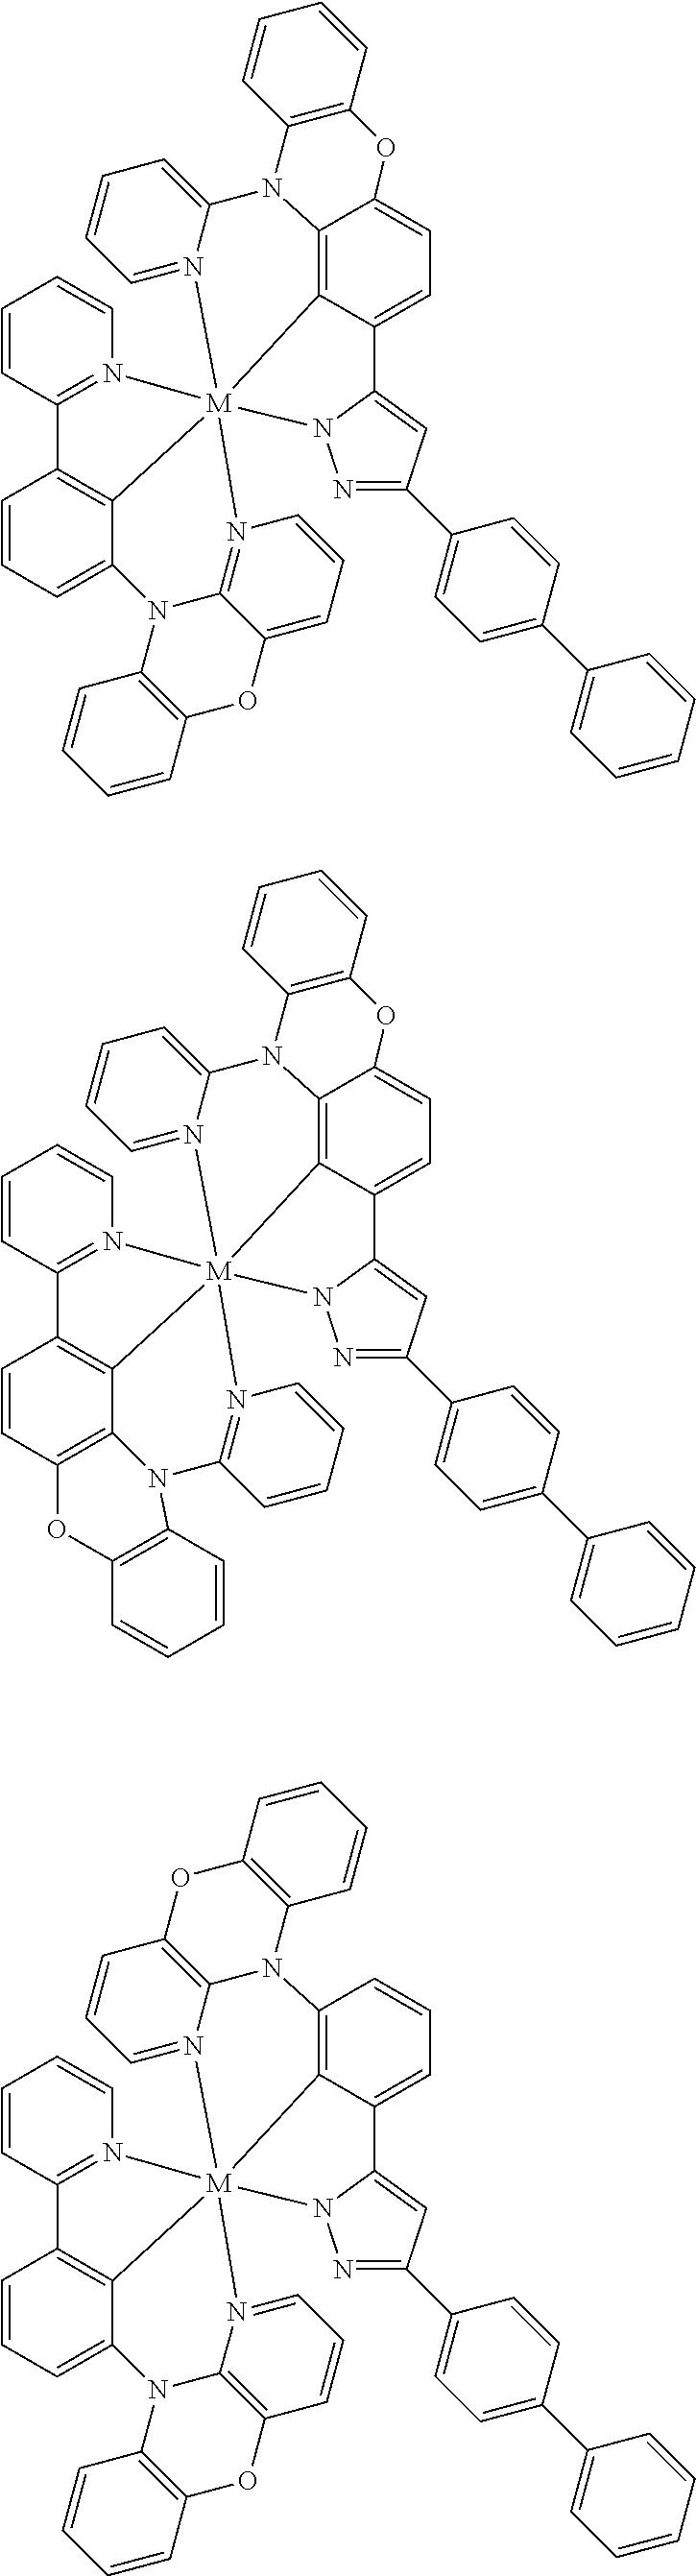 Figure US09818959-20171114-C00431